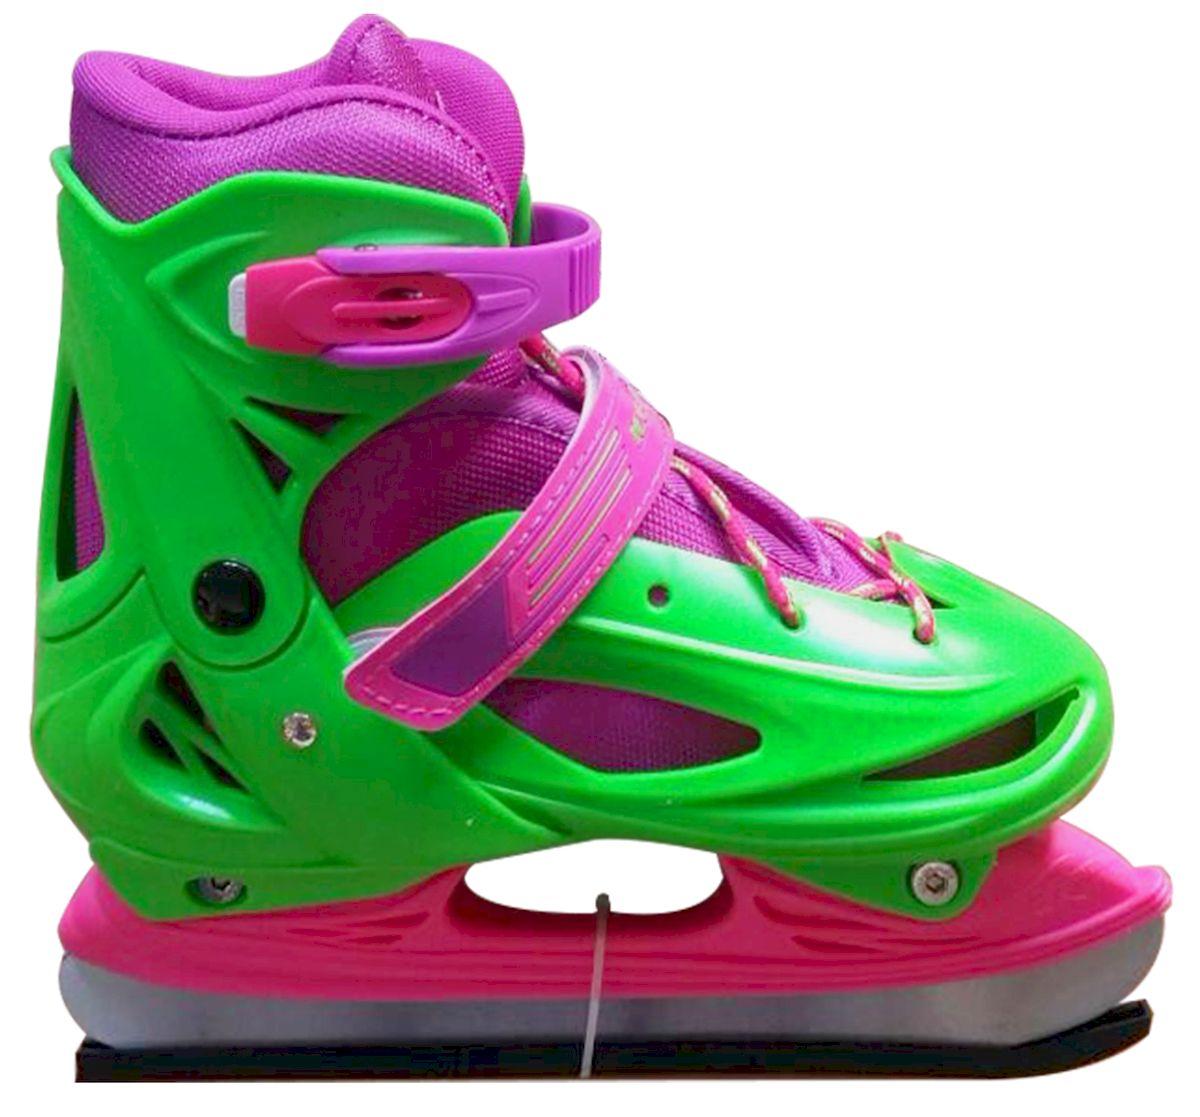 Коньки ледовые Ice Blade Sophie, раздвижные, цвет: розовый, зеленый. УТ-00009126. Размер M (34/37)ASE-611FКоньки раздвижные Sophie - это классические раздвижные коньки от известного бренда Ice Blade, которые предназначены для детей и подростков, а также для тех, кто делает первые шаги в катании на льду.Ботинок изготовлен из морозоустойчивого пластика. Внутренняя поверхность из мягкого и теплого текстиля обеспечивает комфорт во время движения. Лезвие выполнено из высокоуглеродистой стали с покрытием из никеля. Пластиковая клипса с фиксатором, хлястик на липучке и шнуровка надежно фиксируют голеностоп. Конструкция коньков позволяет быстро и точно изменять их размер. Яркий молодежный дизайн, теплый внутренний сапожок, удобная трехуровневая система фиксации ноги, легкая смена размера, надежная защита пятки и носка - все это бесспорные преимущества модели. Коньки поставляются с заводской заточкой лезвия, что позволяет сразу приступить к катанию и не тратить денег на заточку. Предназначены для использования на открытом и закрытом льду.